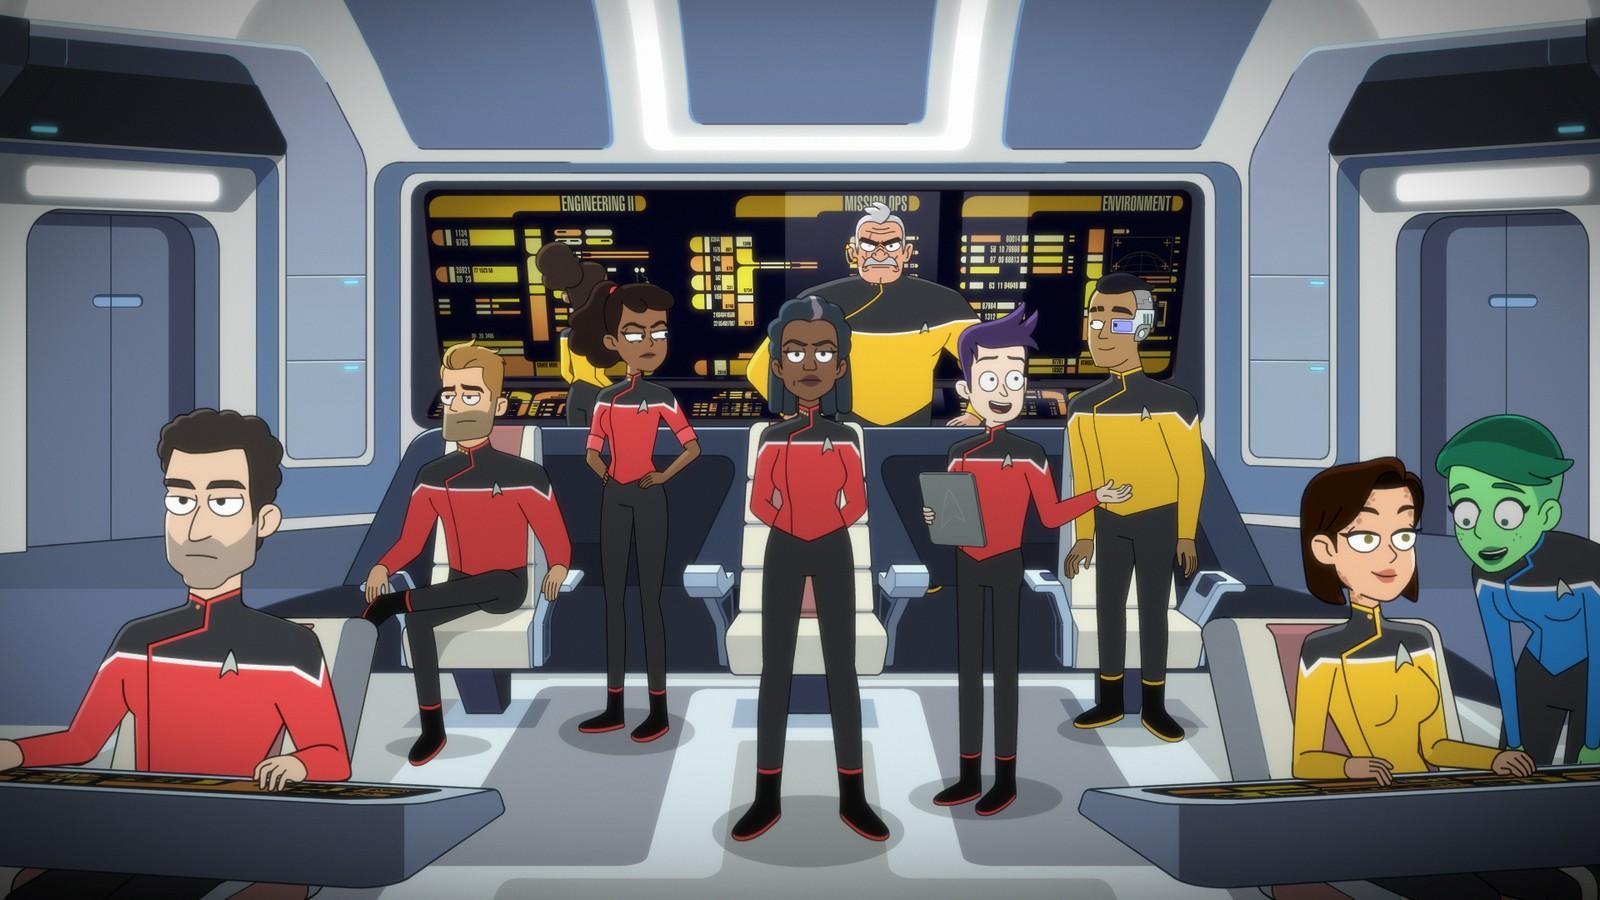 STLDP 009 - Star Trek: Lower Decks - Crisis Point (S1E9)